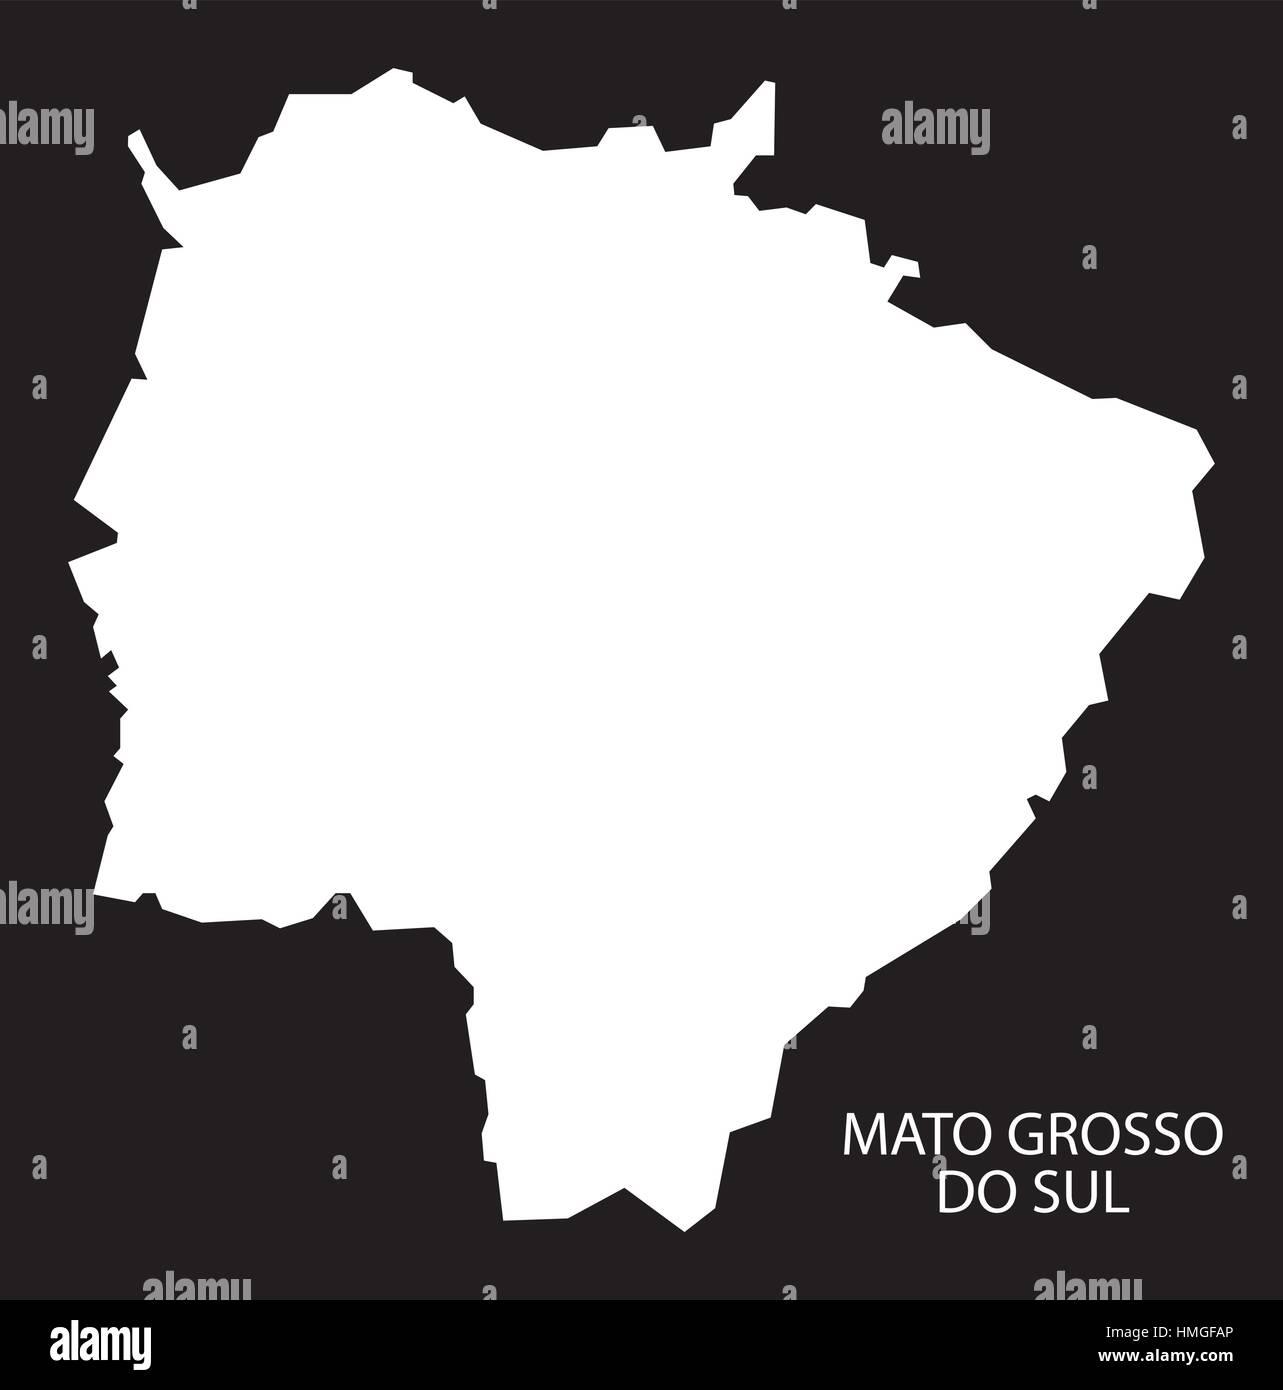 Mato Grosso do sul Brazil Map black inverted silhouette Stock Vector